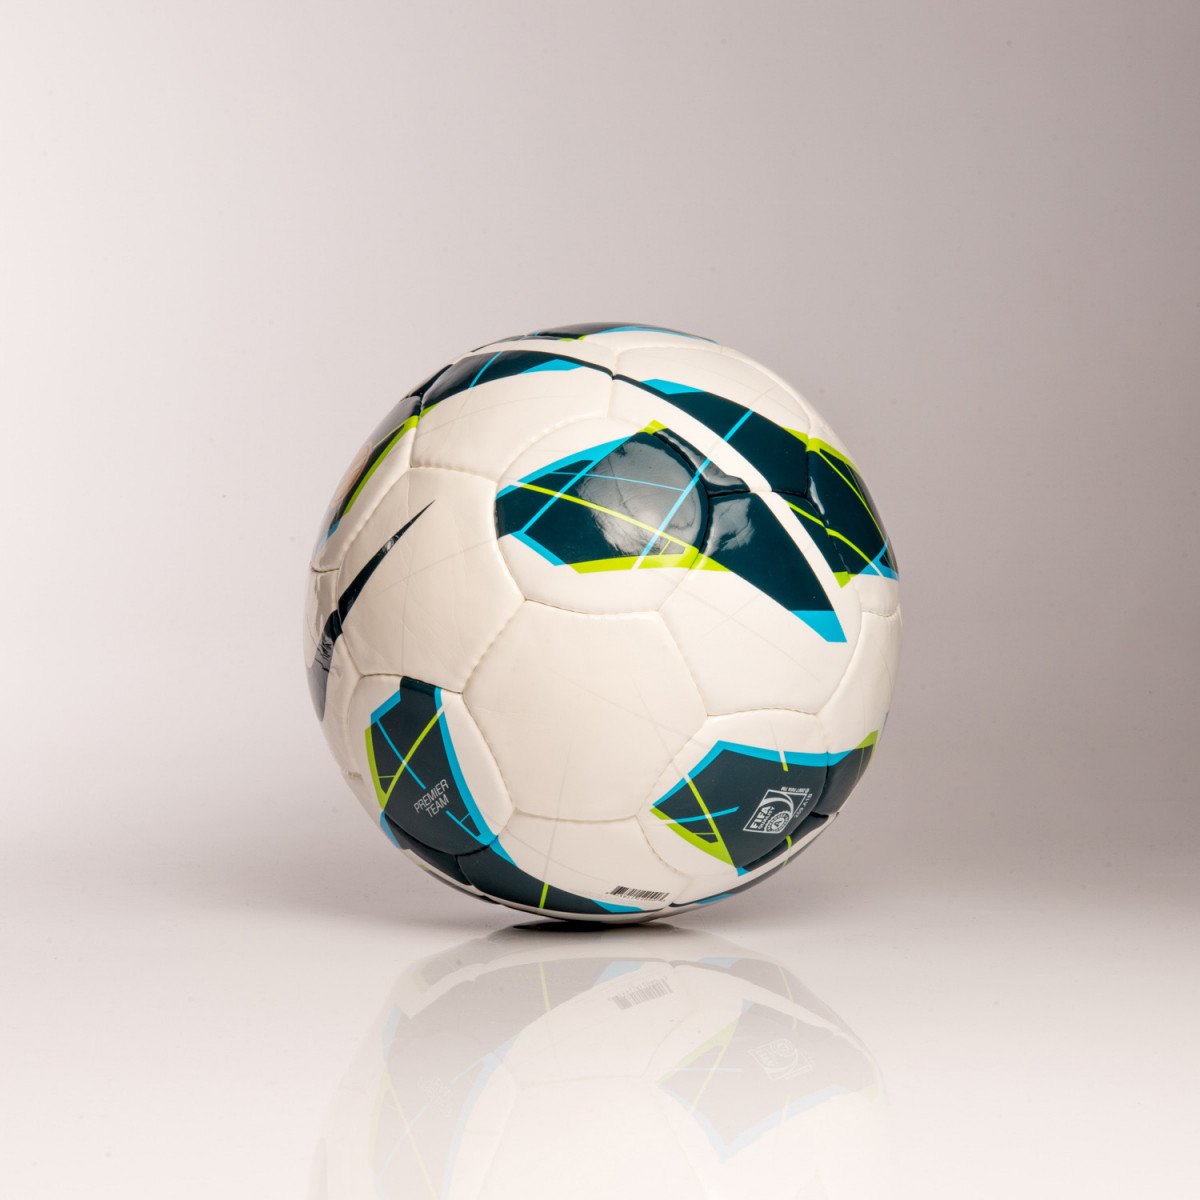 Más Vistas. PELOTA NIKE PREMIER TEAM FIFA BLANCO 169c220e9ff